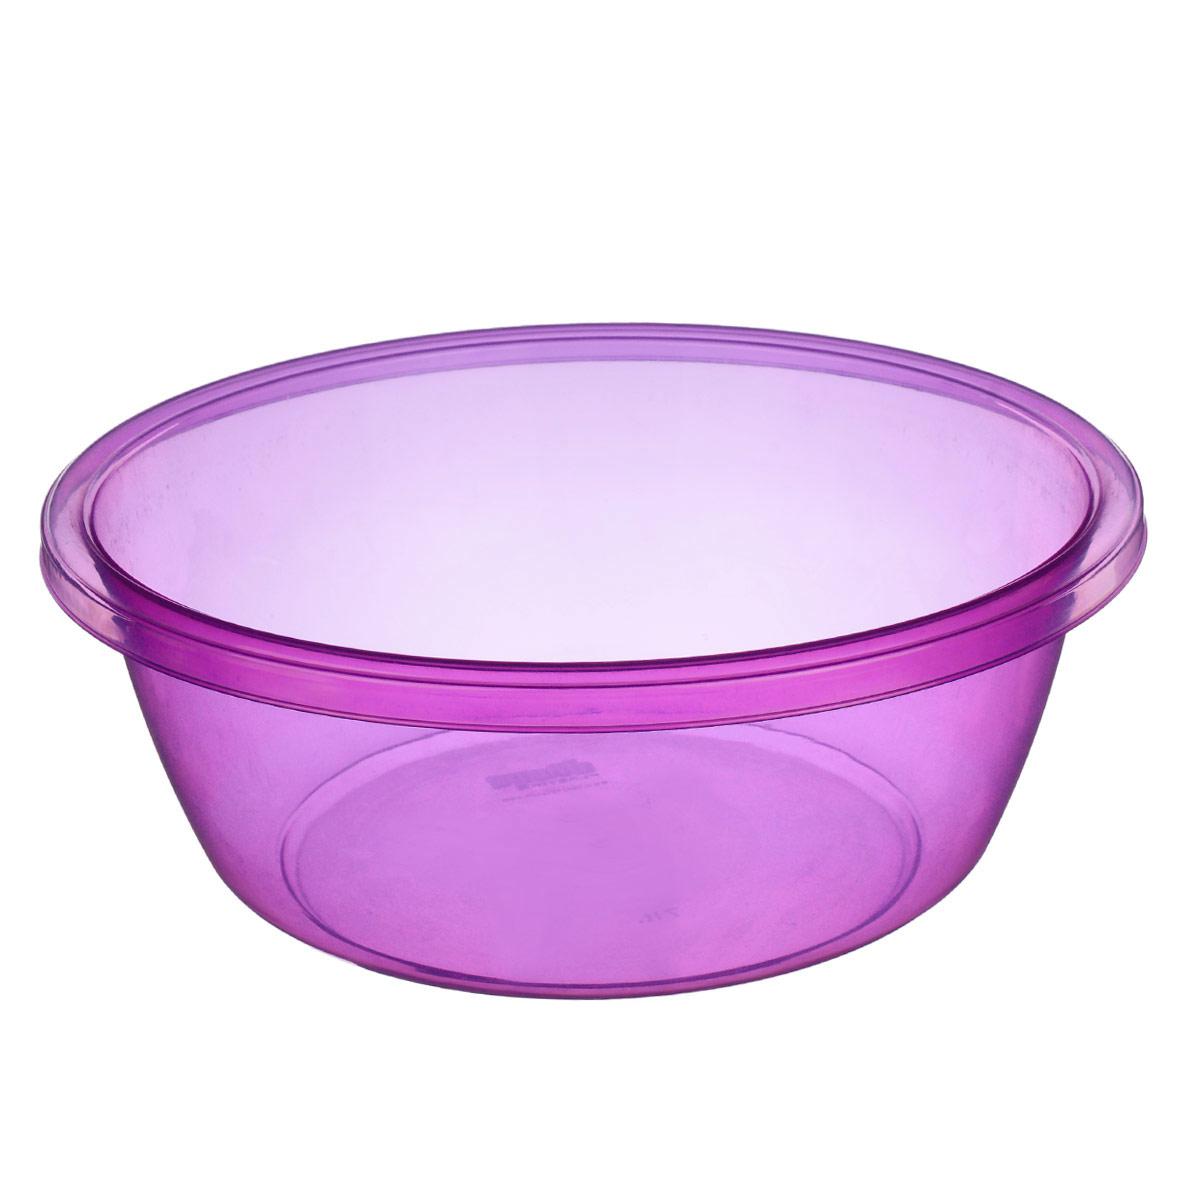 Таз Dunya Plastik, цвет: фиолетовый, 7 л. 1033576Таз Dunya Plastik выполнен из прочного прозрачного пластика. Он предназначен для стирки и хранения разных вещей. По краю имеются углубления, которые обеспечивают удобный захват. Такой таз пригодится в любом хозяйстве.